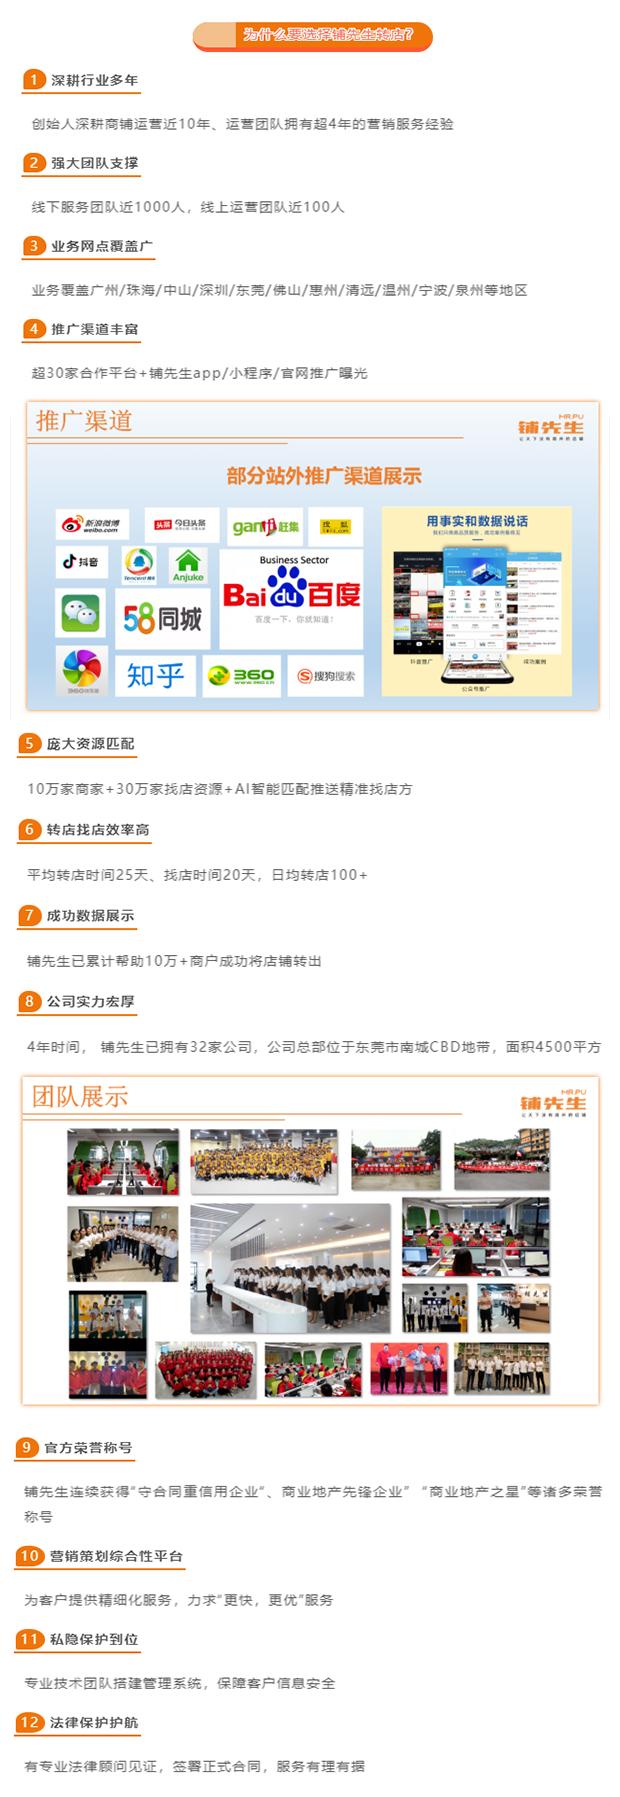 案例分享:宁波市镇海区35㎡餐饮店28天成功转让